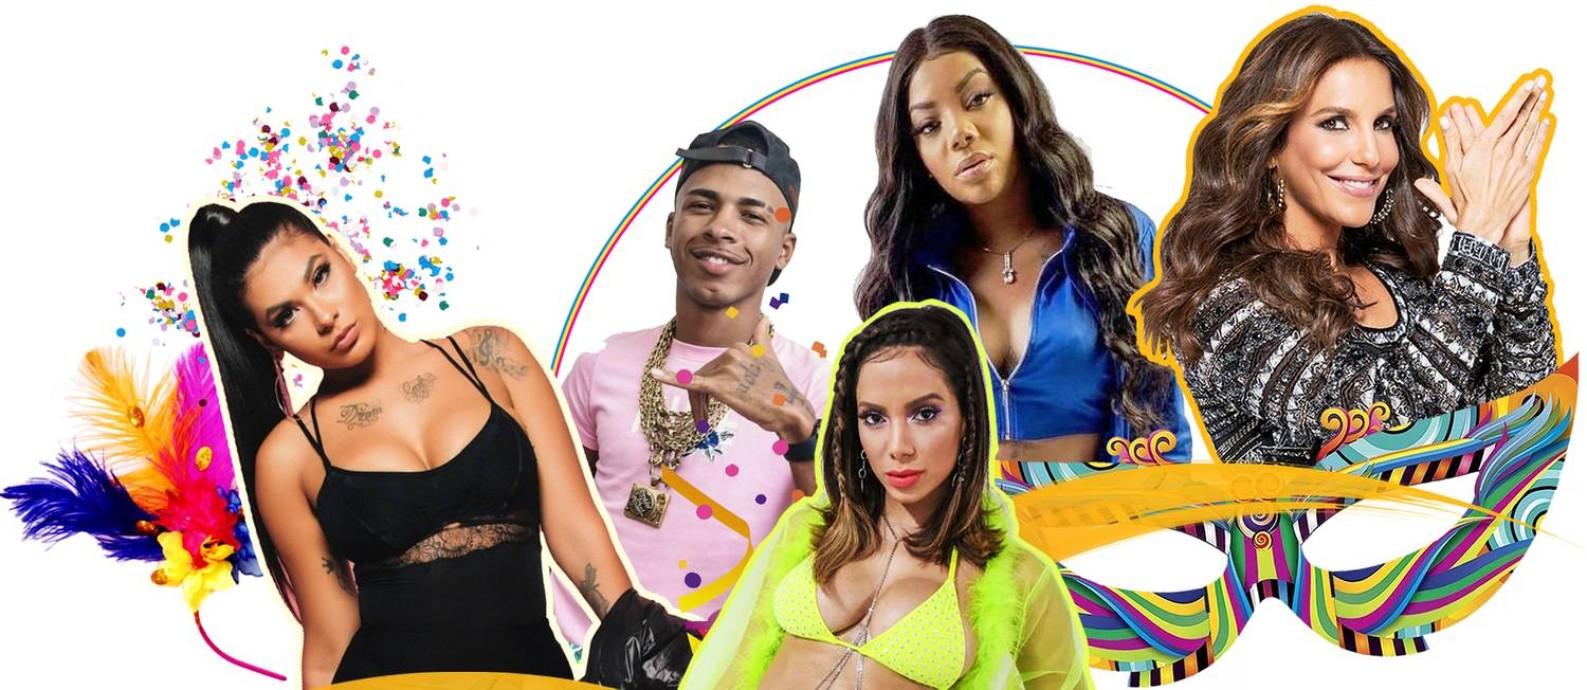 Pocah, Rennan da Penha, Ludmilla, Ivete Sangalo e Anitta: lançamentos para o carnaval Foto: Arte com fotos de divulgação